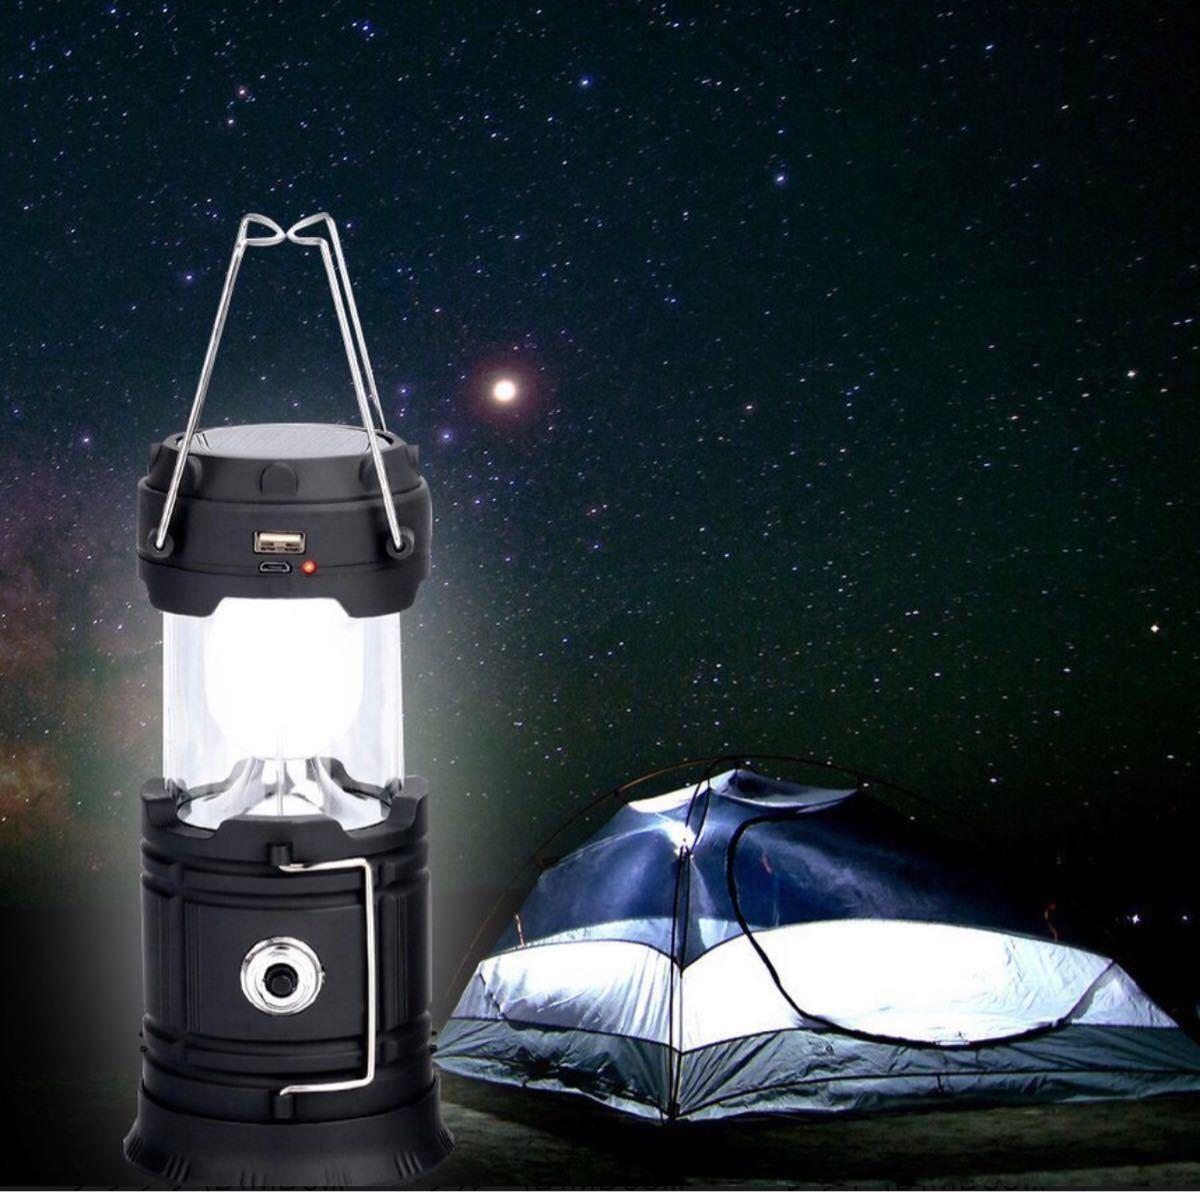 ランタン LED 災害用 キャンプ フラッシュライト ポータブル テントライト 懐中電灯 USB充電式 小型 軽量防水 アウトドア